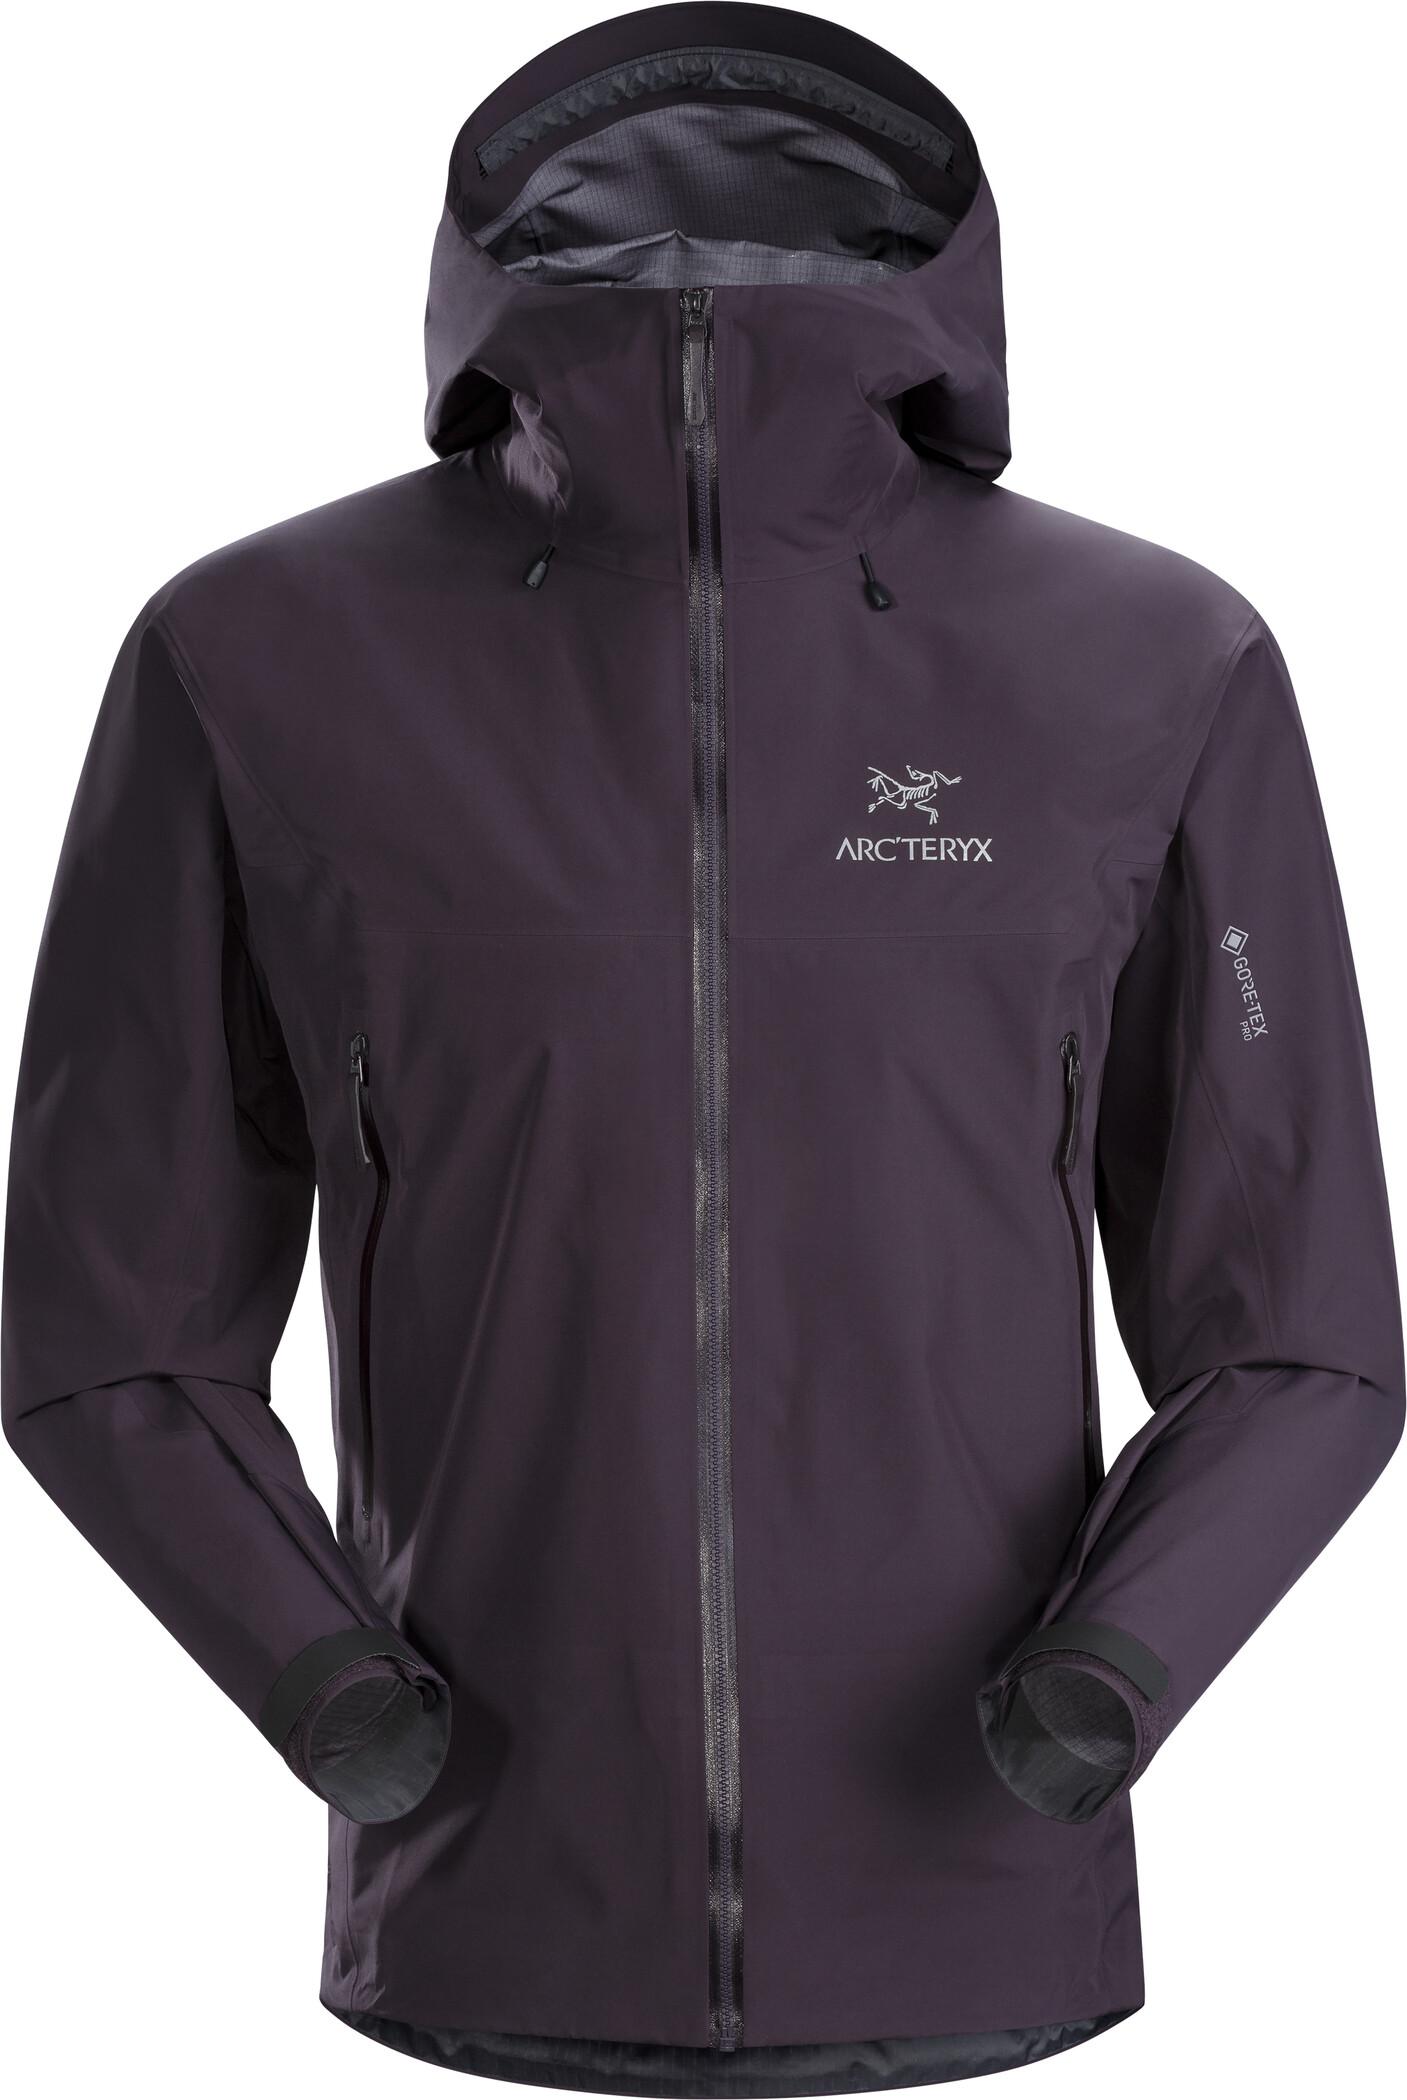 Arcteryx jacka stort utbud till bra pris! |